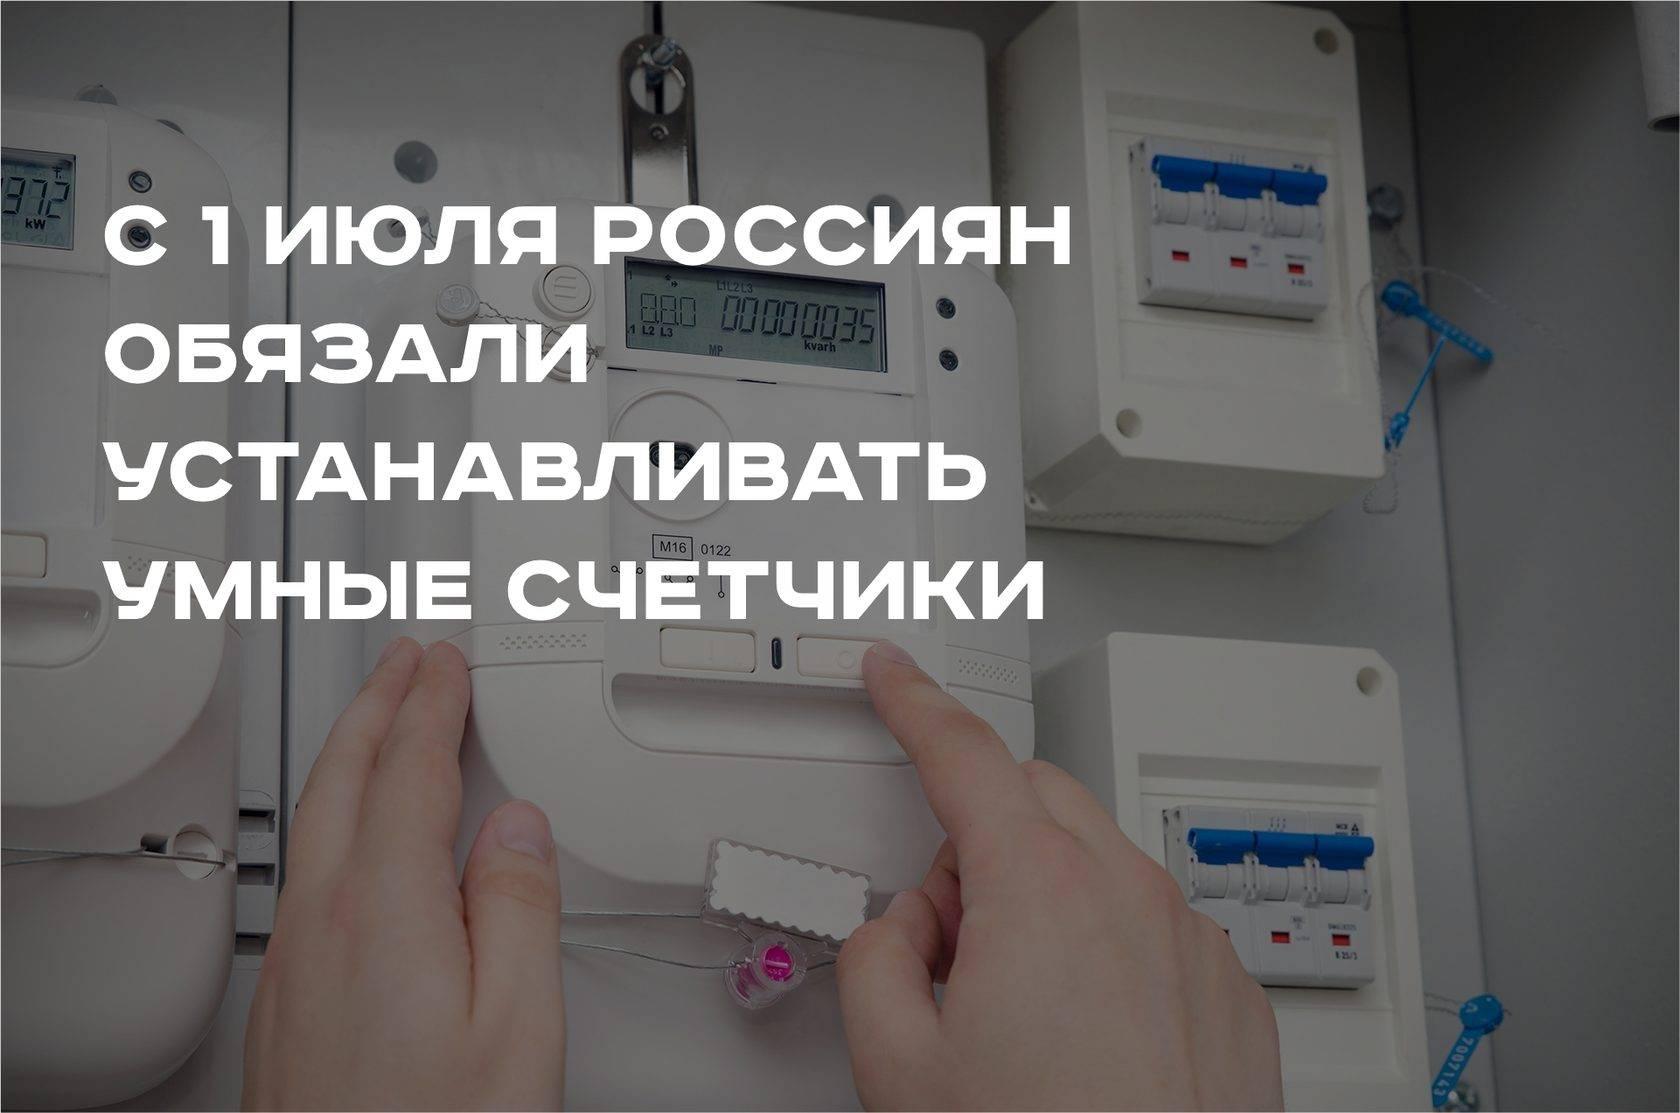 Ваттметр в розетку: инструкция по применению бытового измерителя мощности, описание цифрового ваттметра